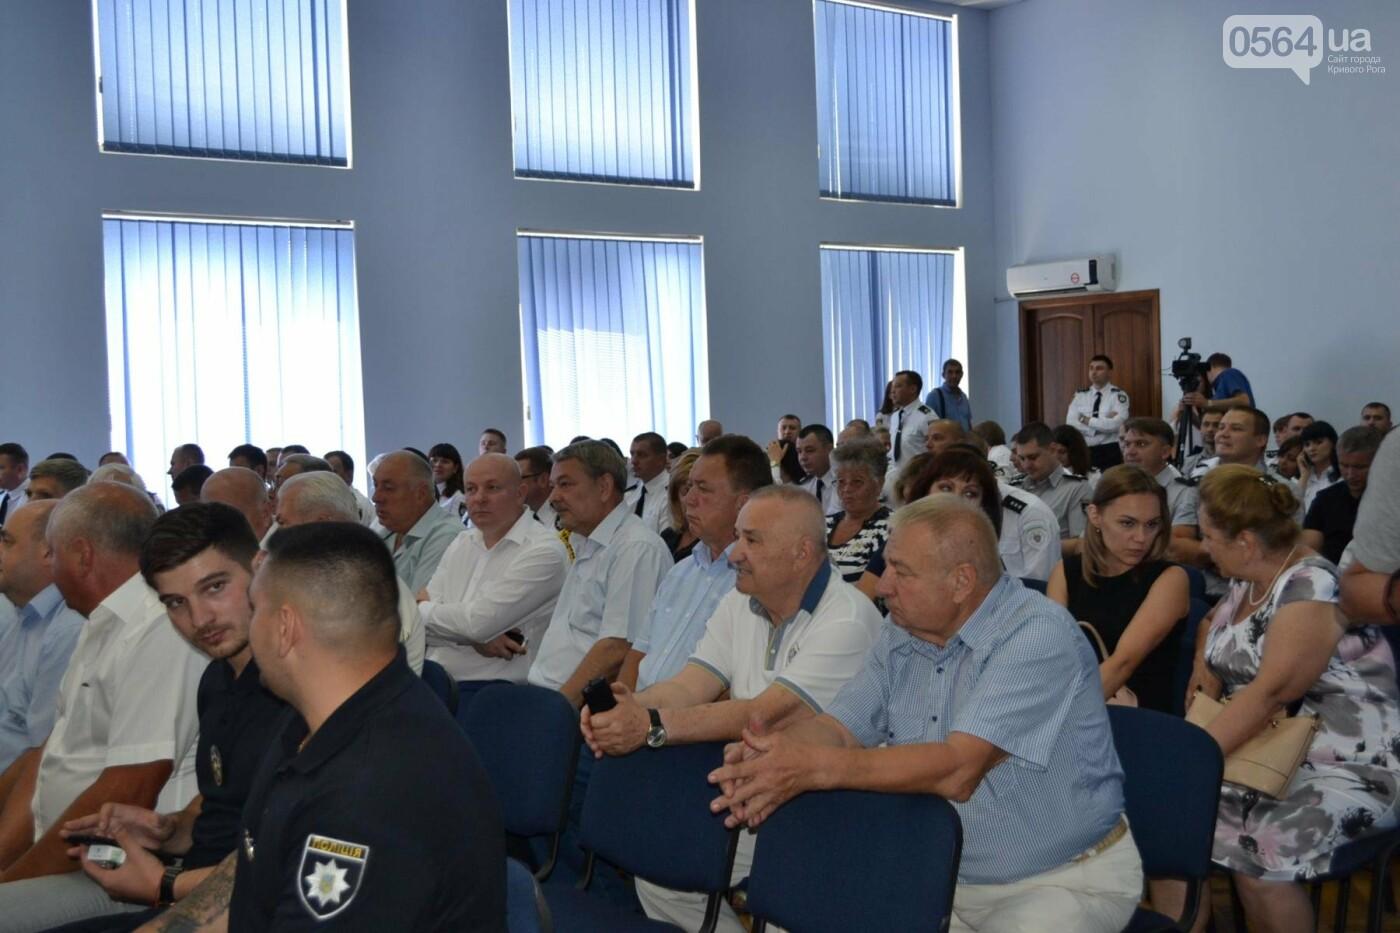 Криворожских полицейских поздравили с профессиональным праздником, - ФОТО, ВИДЕО, фото-13